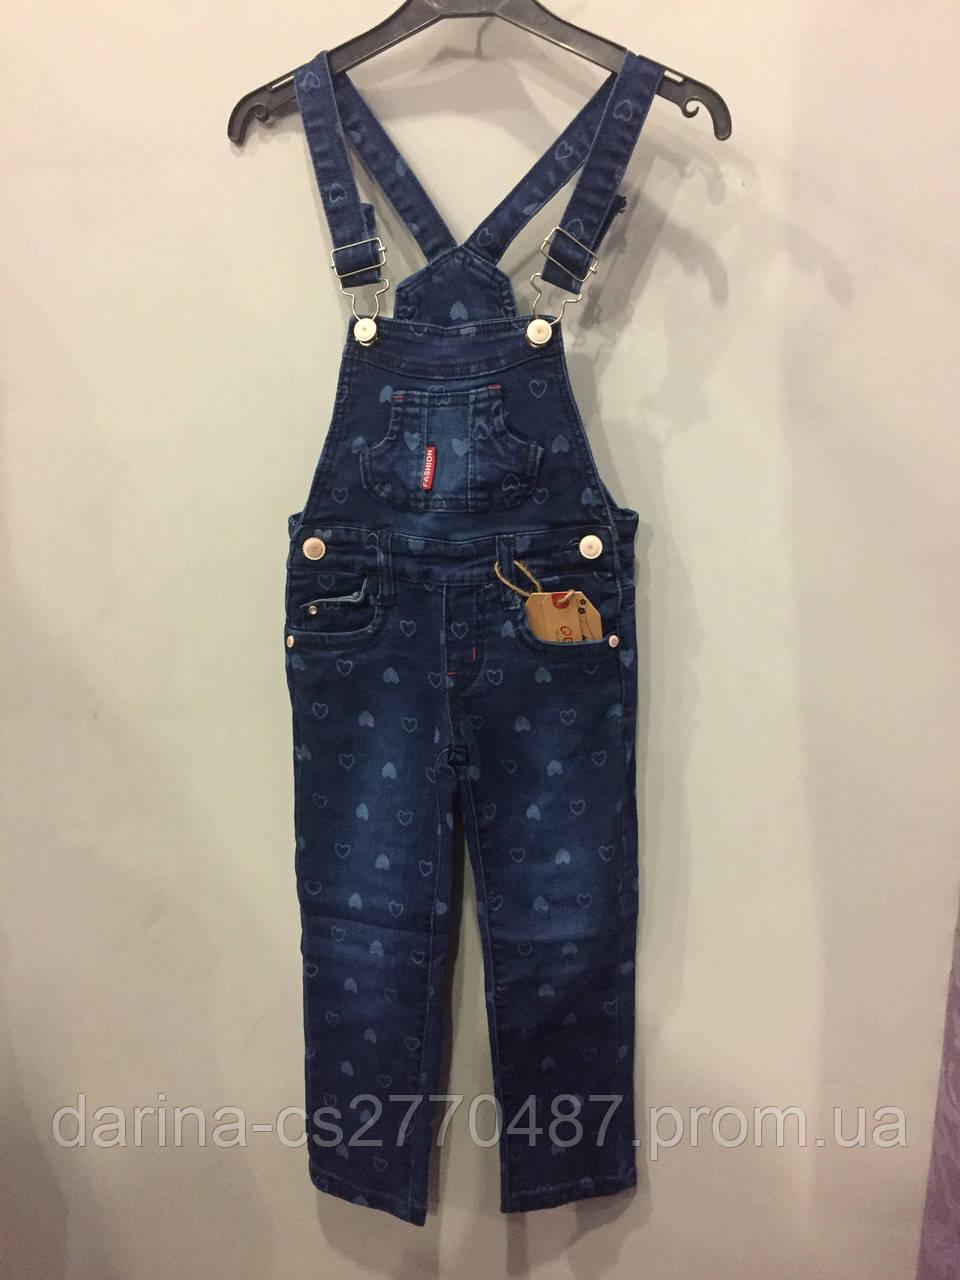 Детский джинсовый комбинезон для девочки 98 см